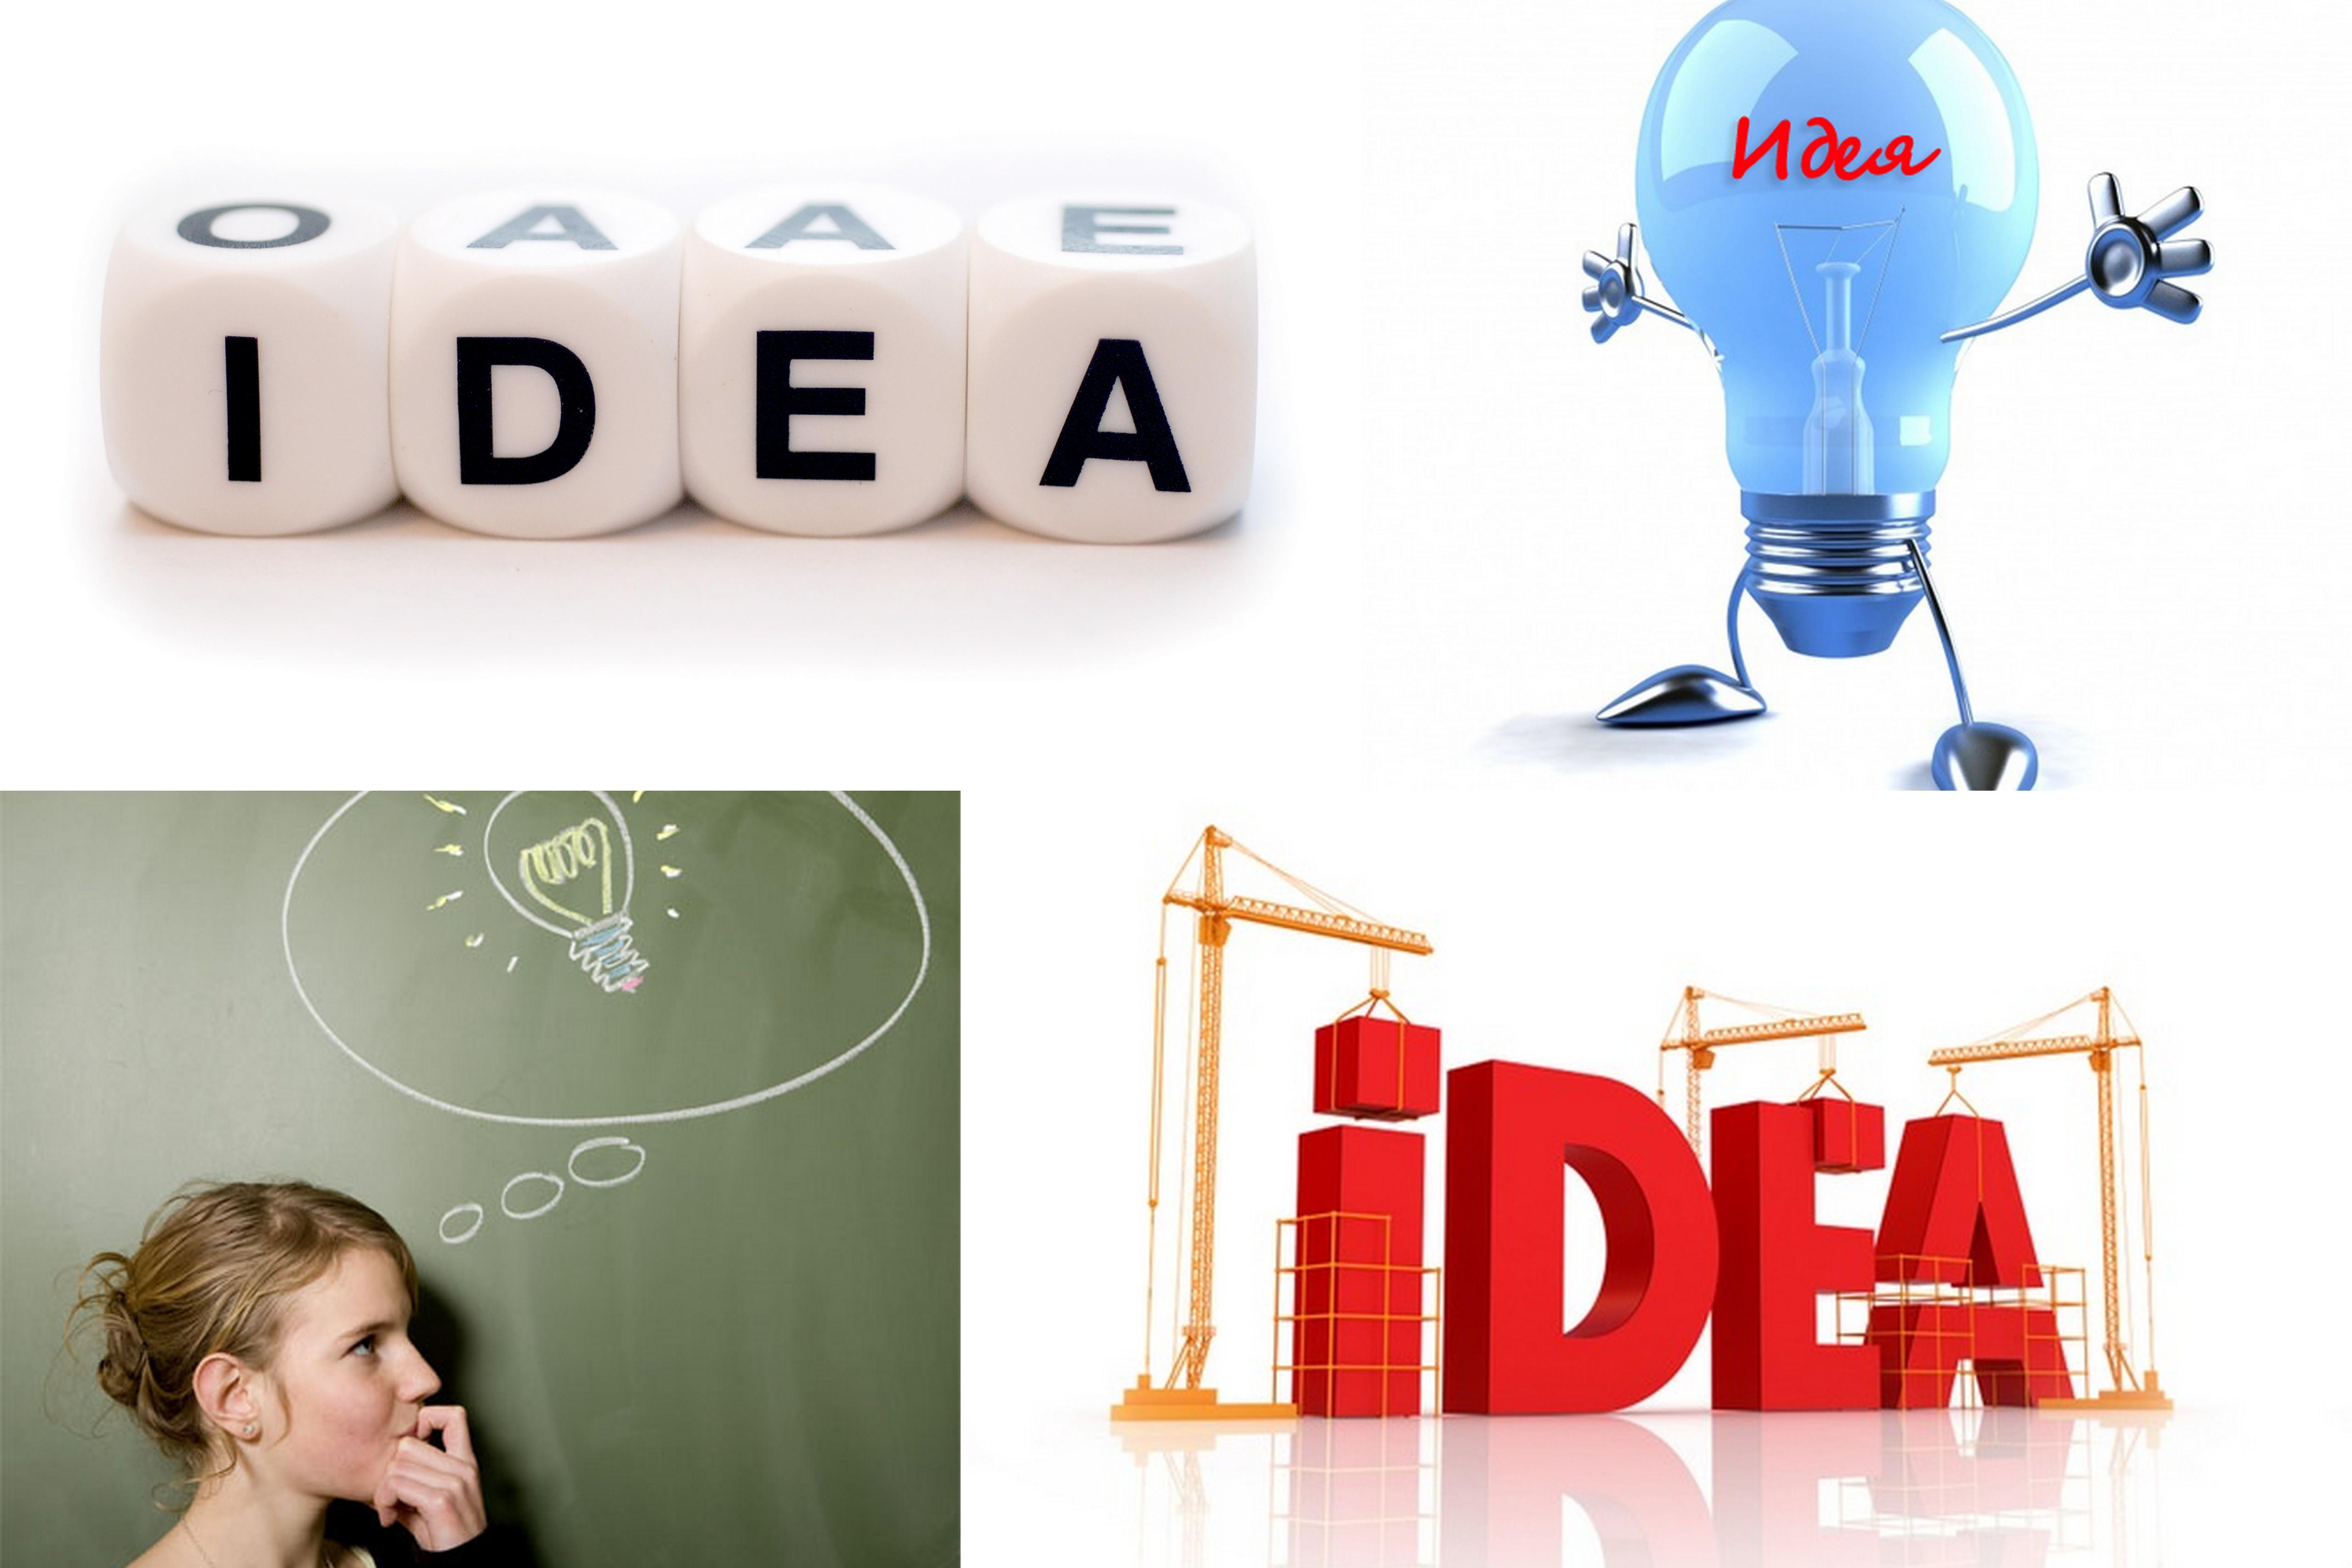 Идея бизнеса в подмосковье бизнес идея для одежды